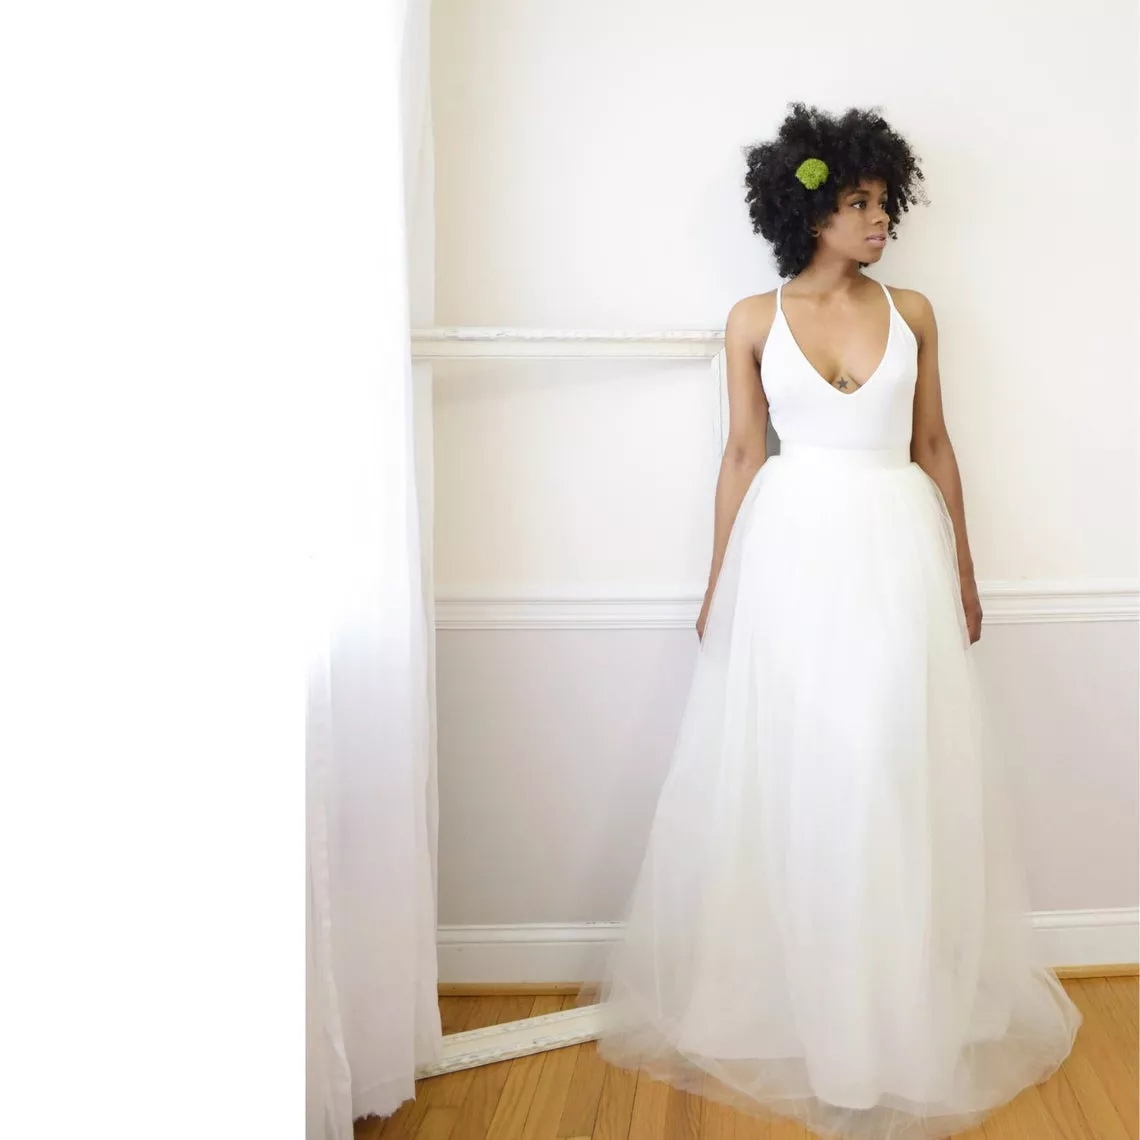 aOc6AT dVU - 21 романтическое платье для невесты в 2021 свадебном сезоне